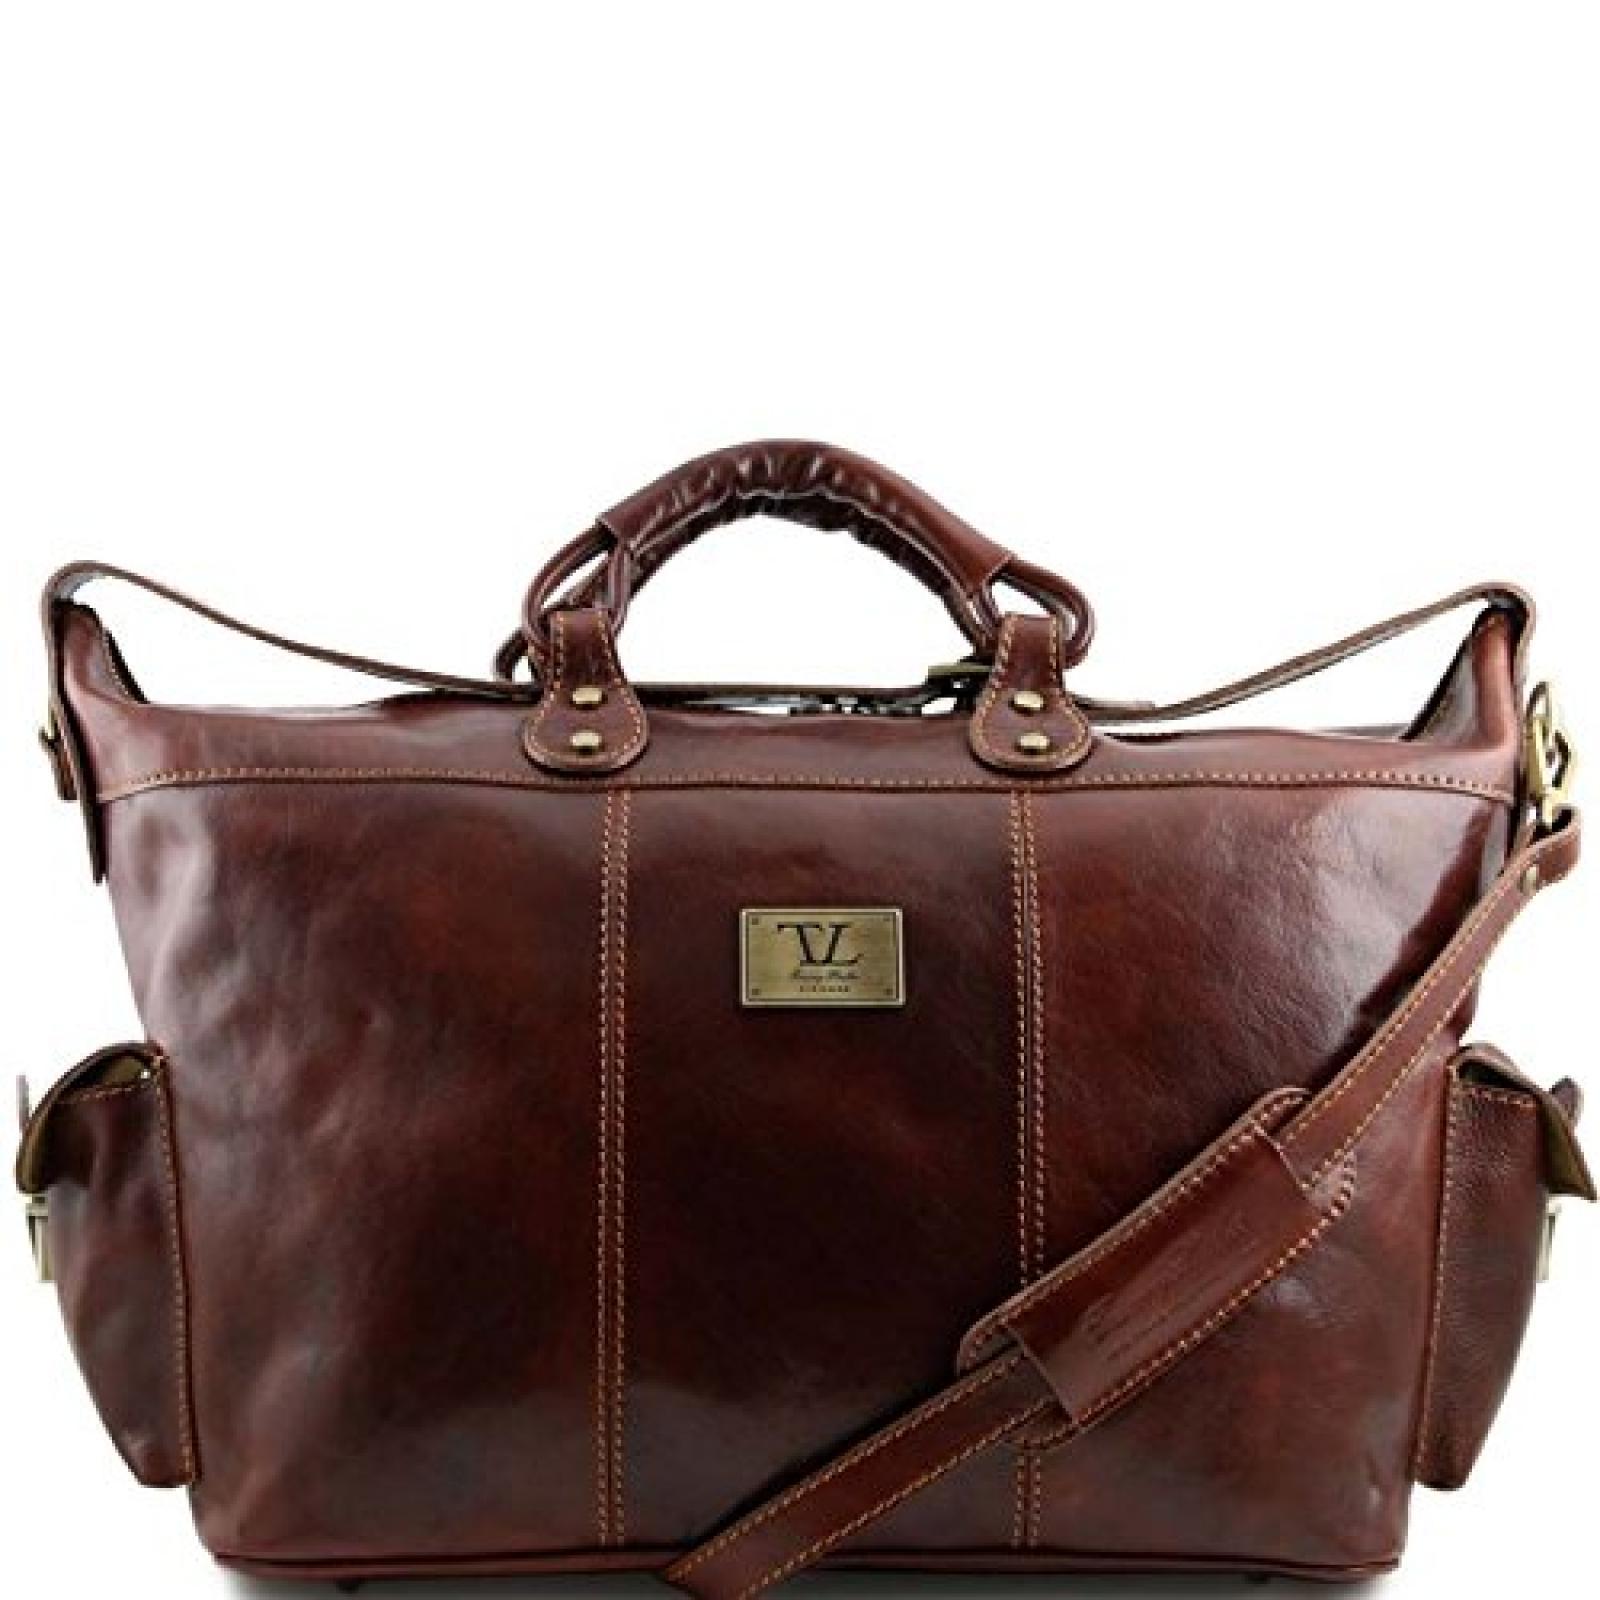 Tuscany Leather - Porto - Reisetasche aus Leder Braun - TL140938/1